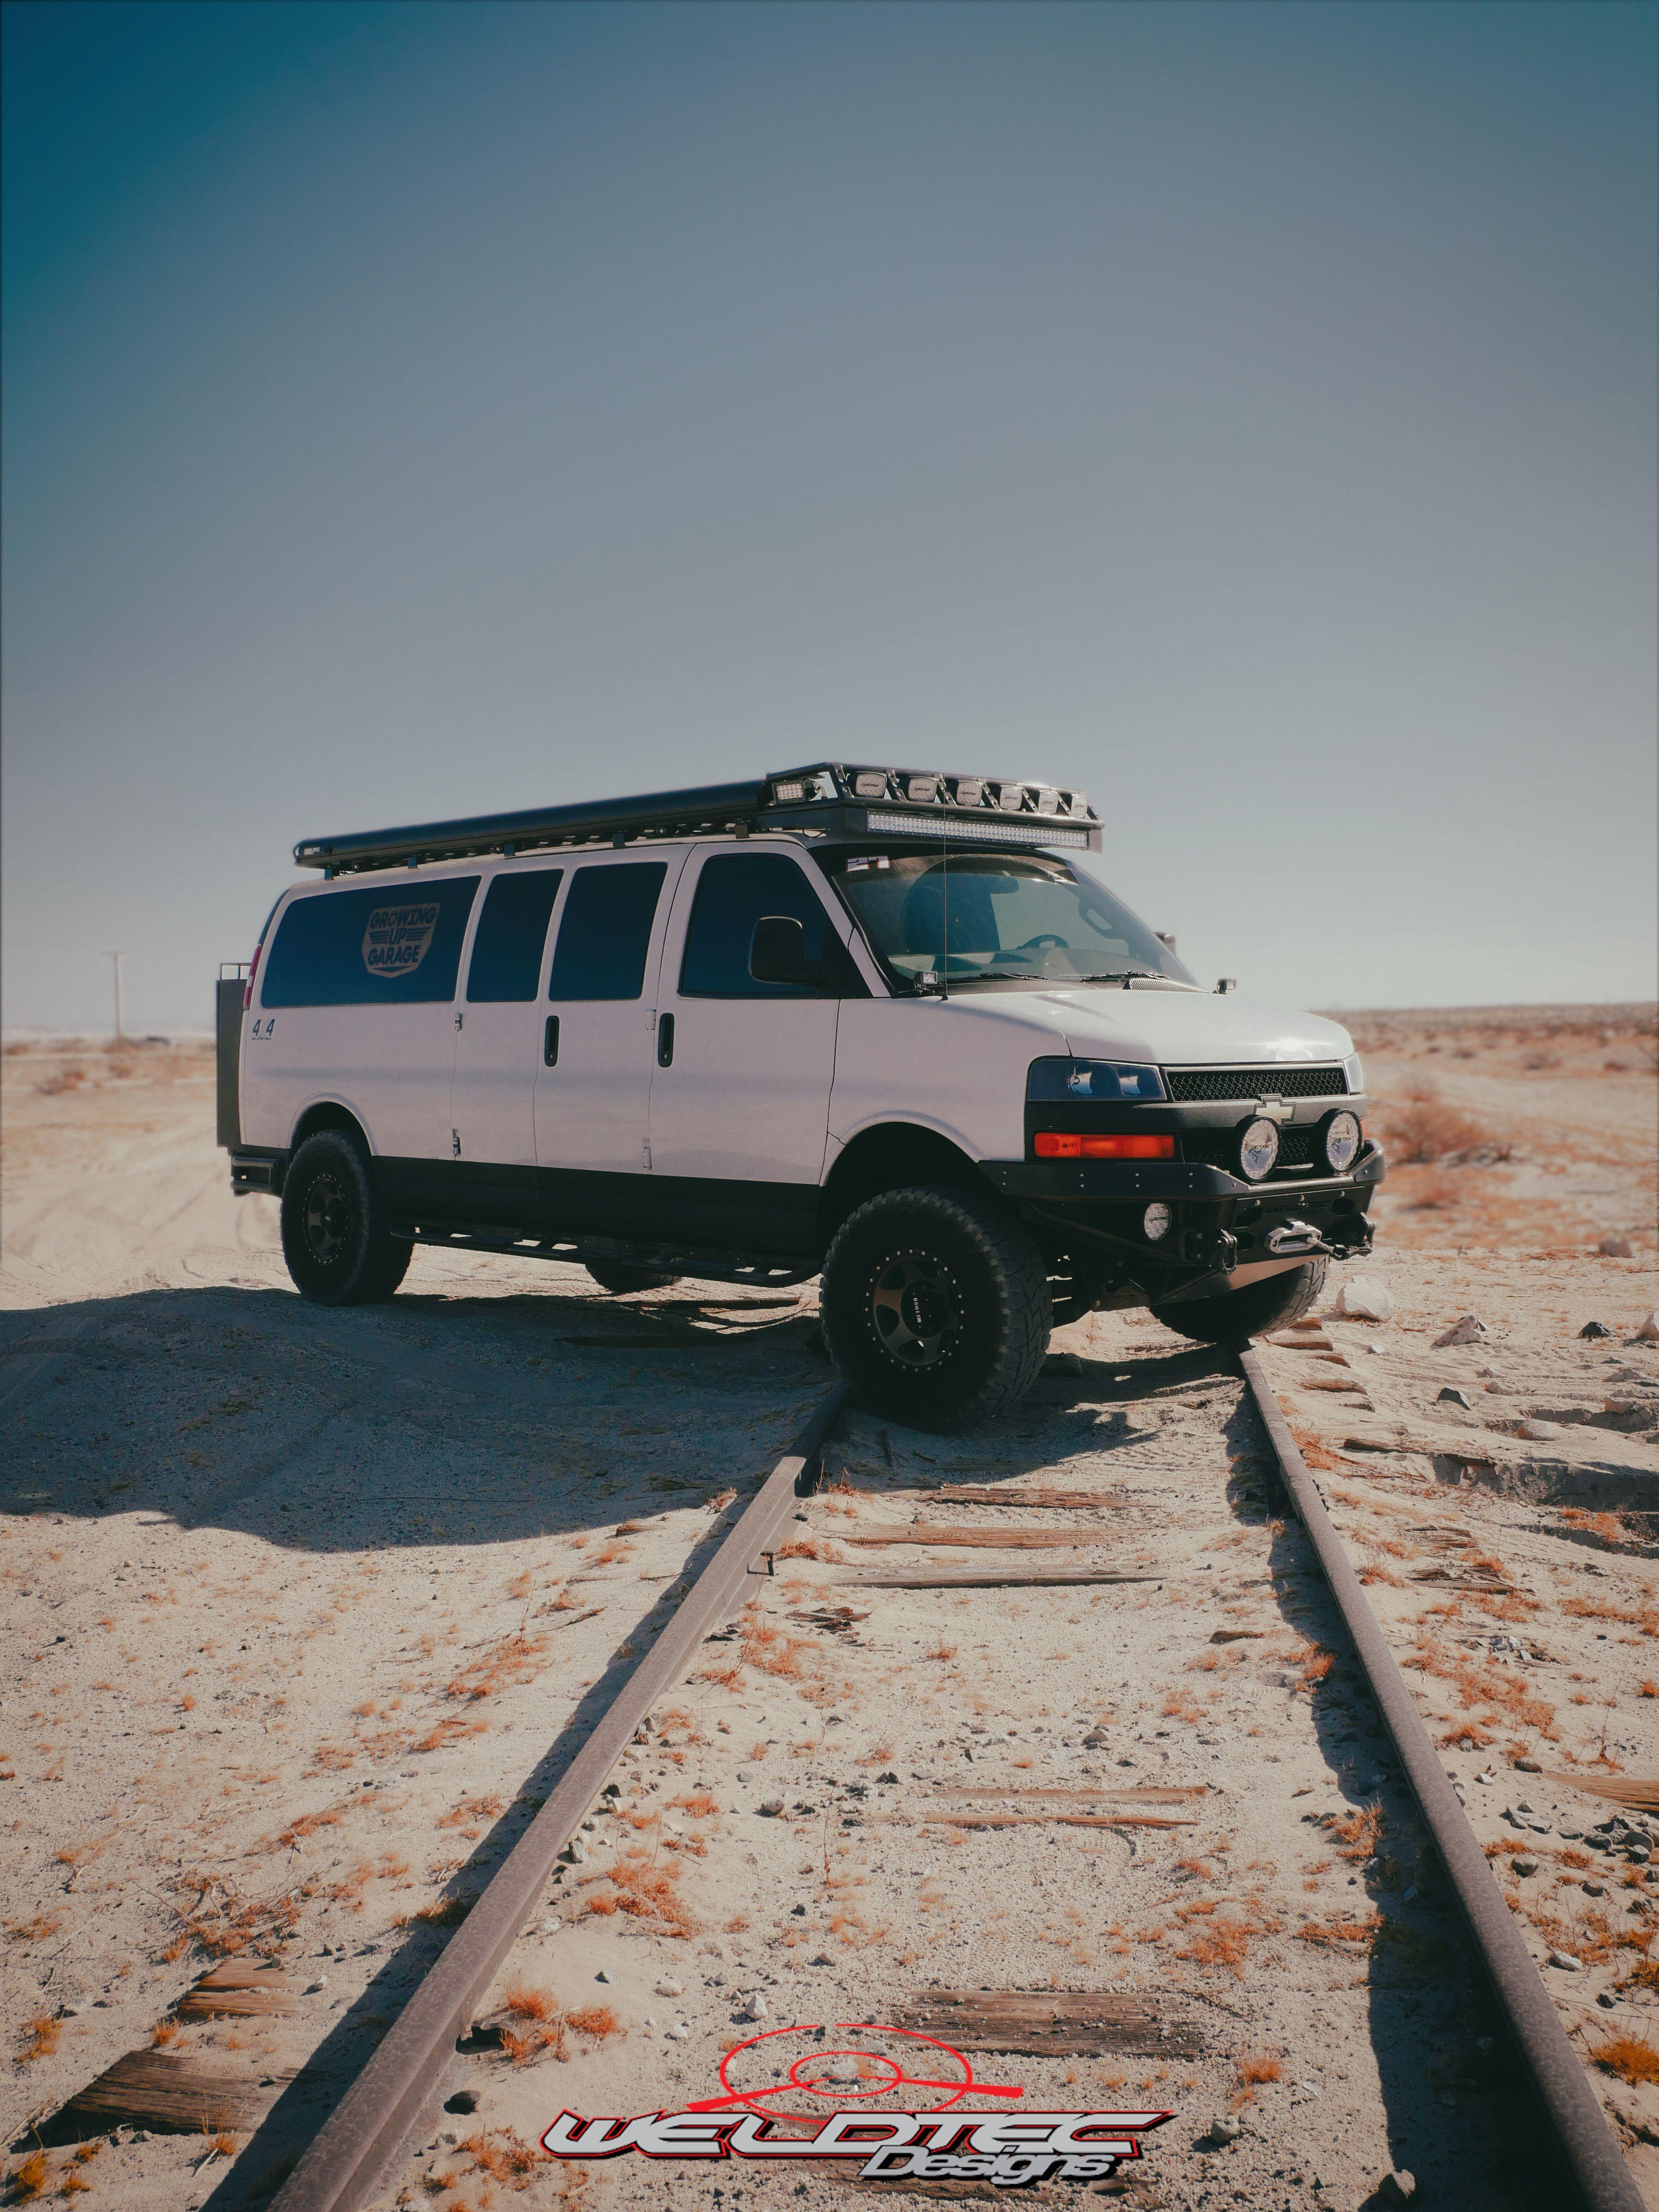 Chevy Express Van 4x4 Chevy Express Van 4x4  Weldtec Designs Weldtecdesigns Chevrolet 4x4 performan